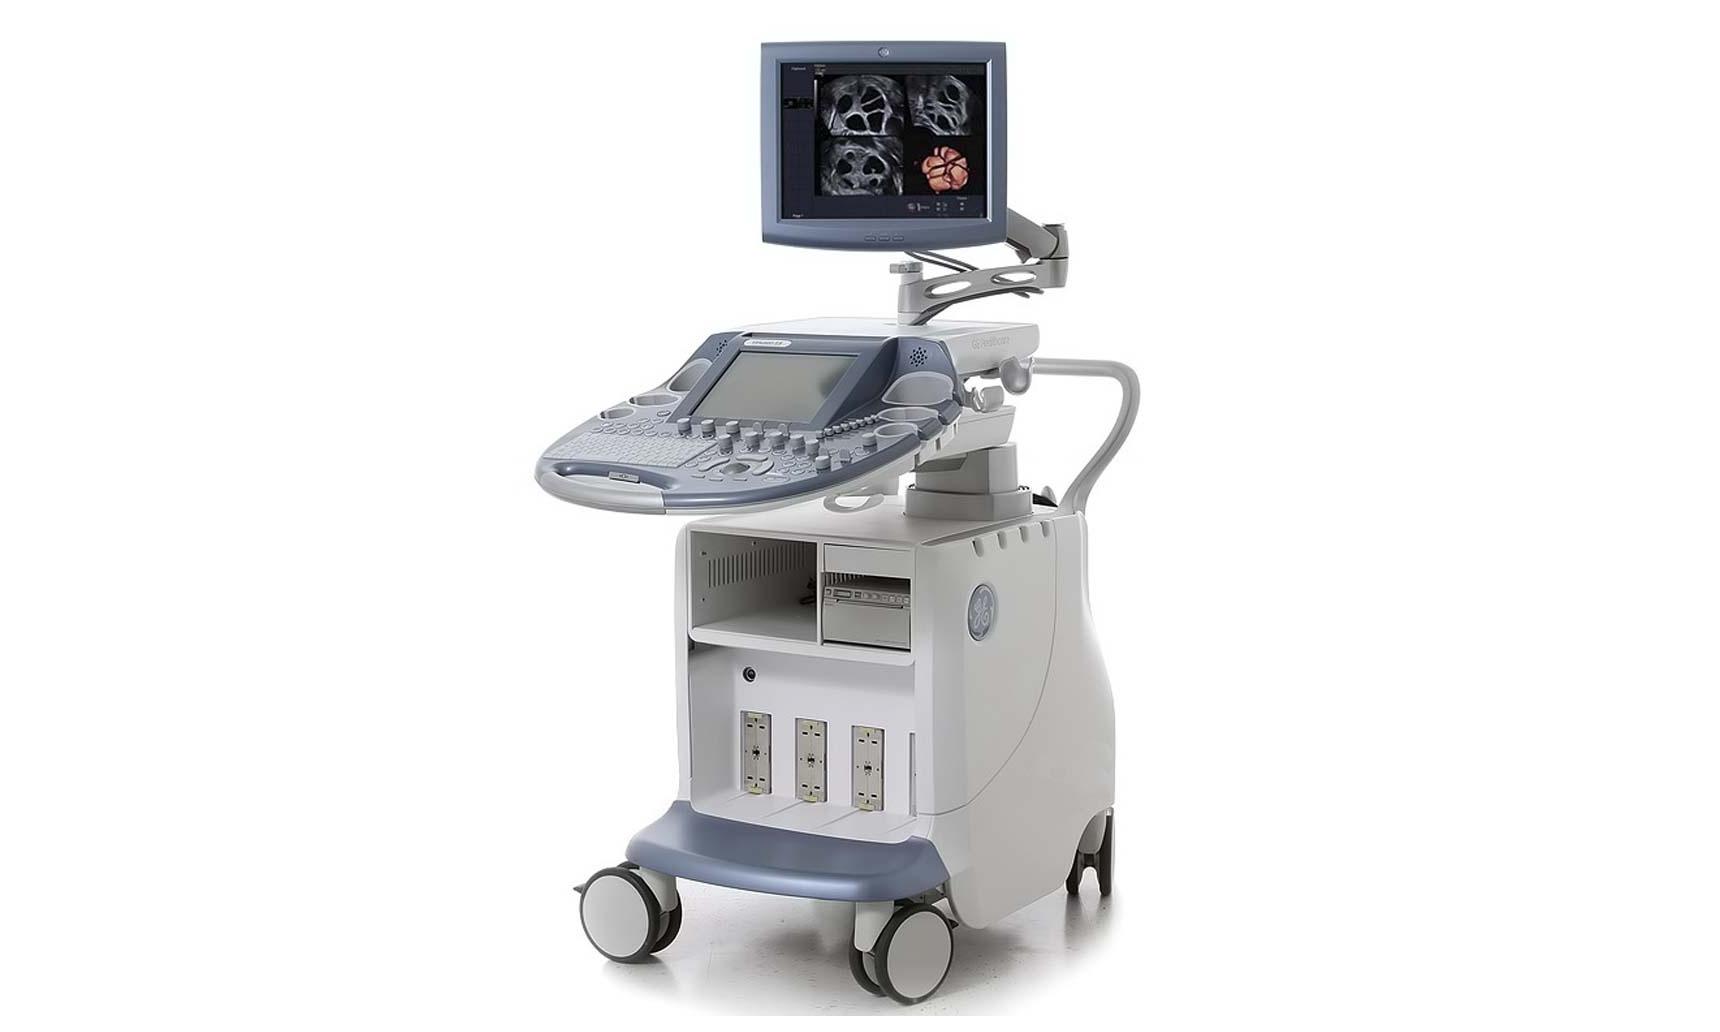 兰陵县中医医院高档彩色多普勒超声波诊断仪采购项目公开招标